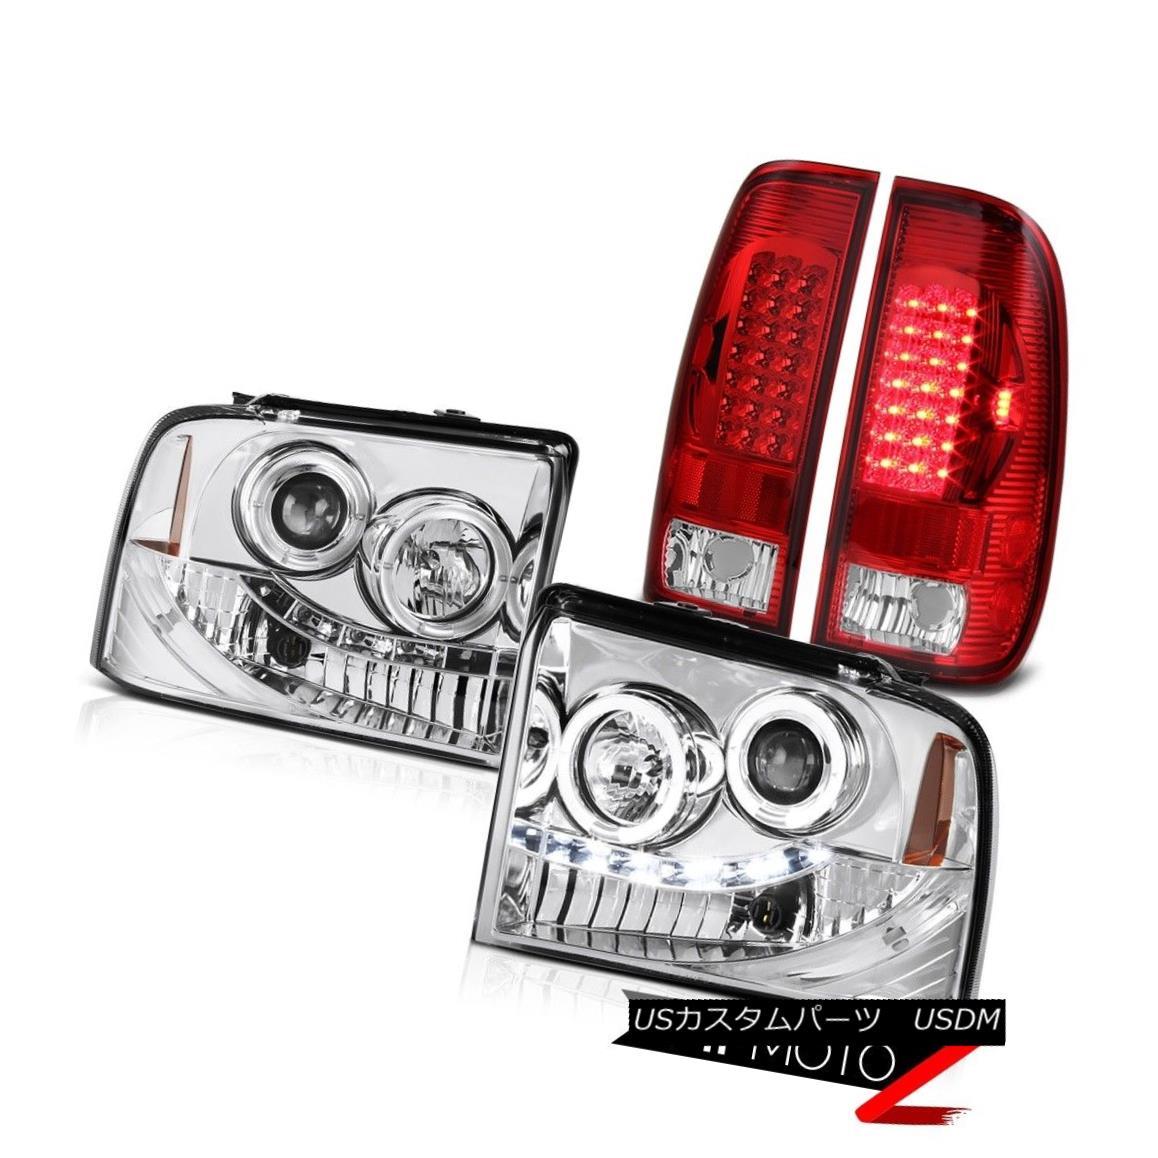 ヘッドライト 2X Angel Eye Projector Headlights Euro LED Tail Light F250 Harley Davidson 05-07 2XエンジェルアイプロジェクターヘッドライトユーロLEDテールライトF250ハーレーダビッドソン05-07